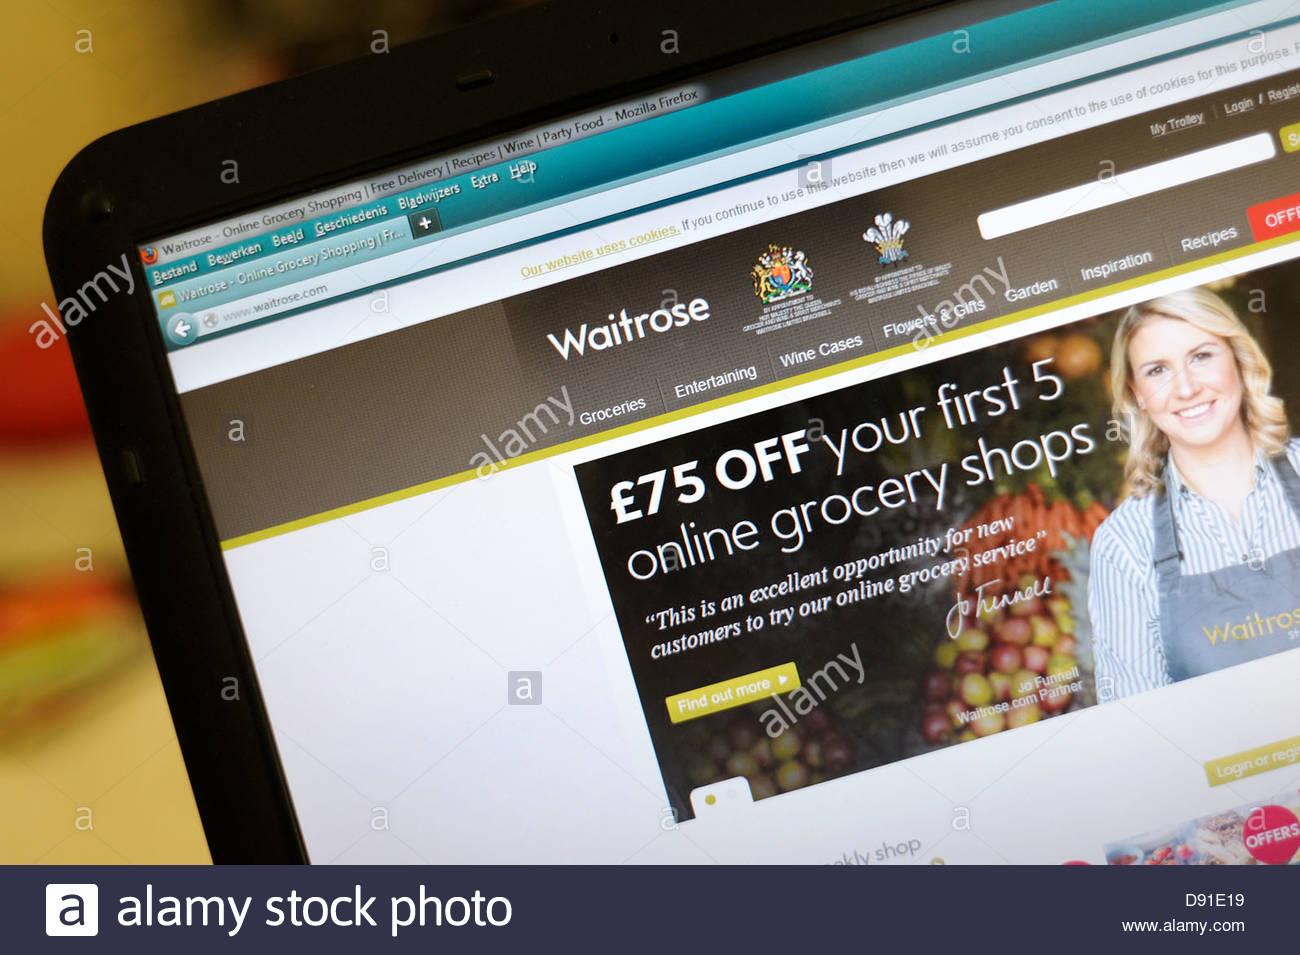 Internet Waitrose supermarket - Stock Image